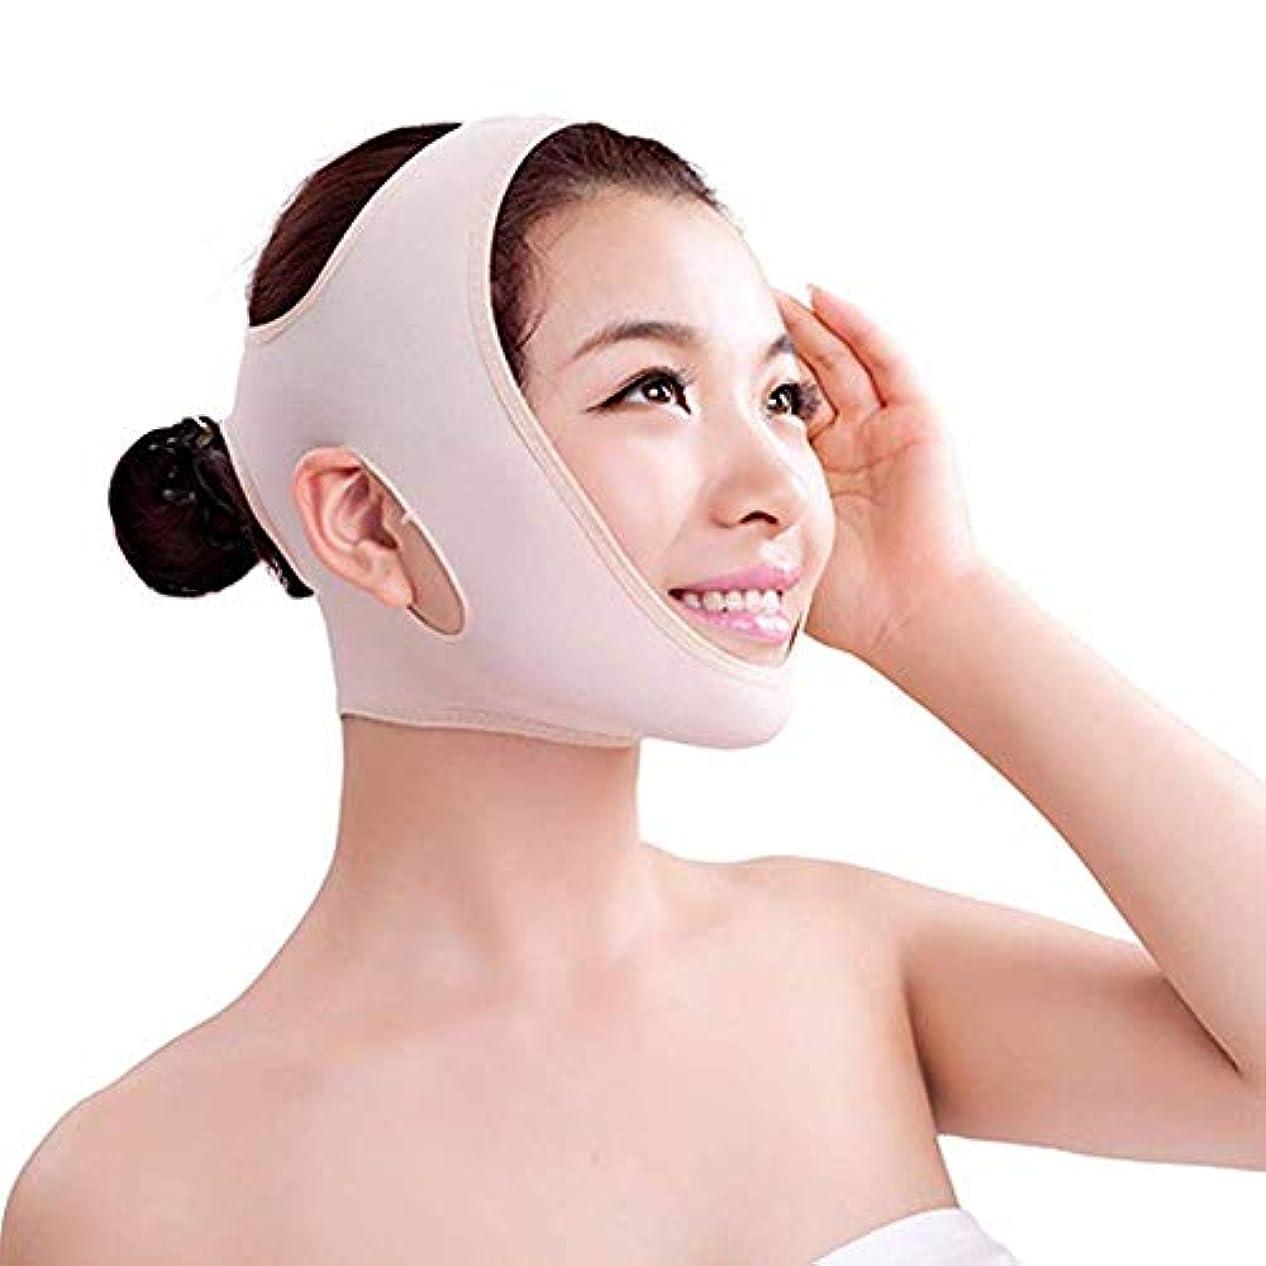 ランク瞑想混沌WSJTT フェイススリミングマスク、ベルトを持ち上げるインフレータブル顔、自然なVフェイスチークチンは減量包帯チン包帯を削除するために二重あご、タイトなバンドリフティング (Size : XL)